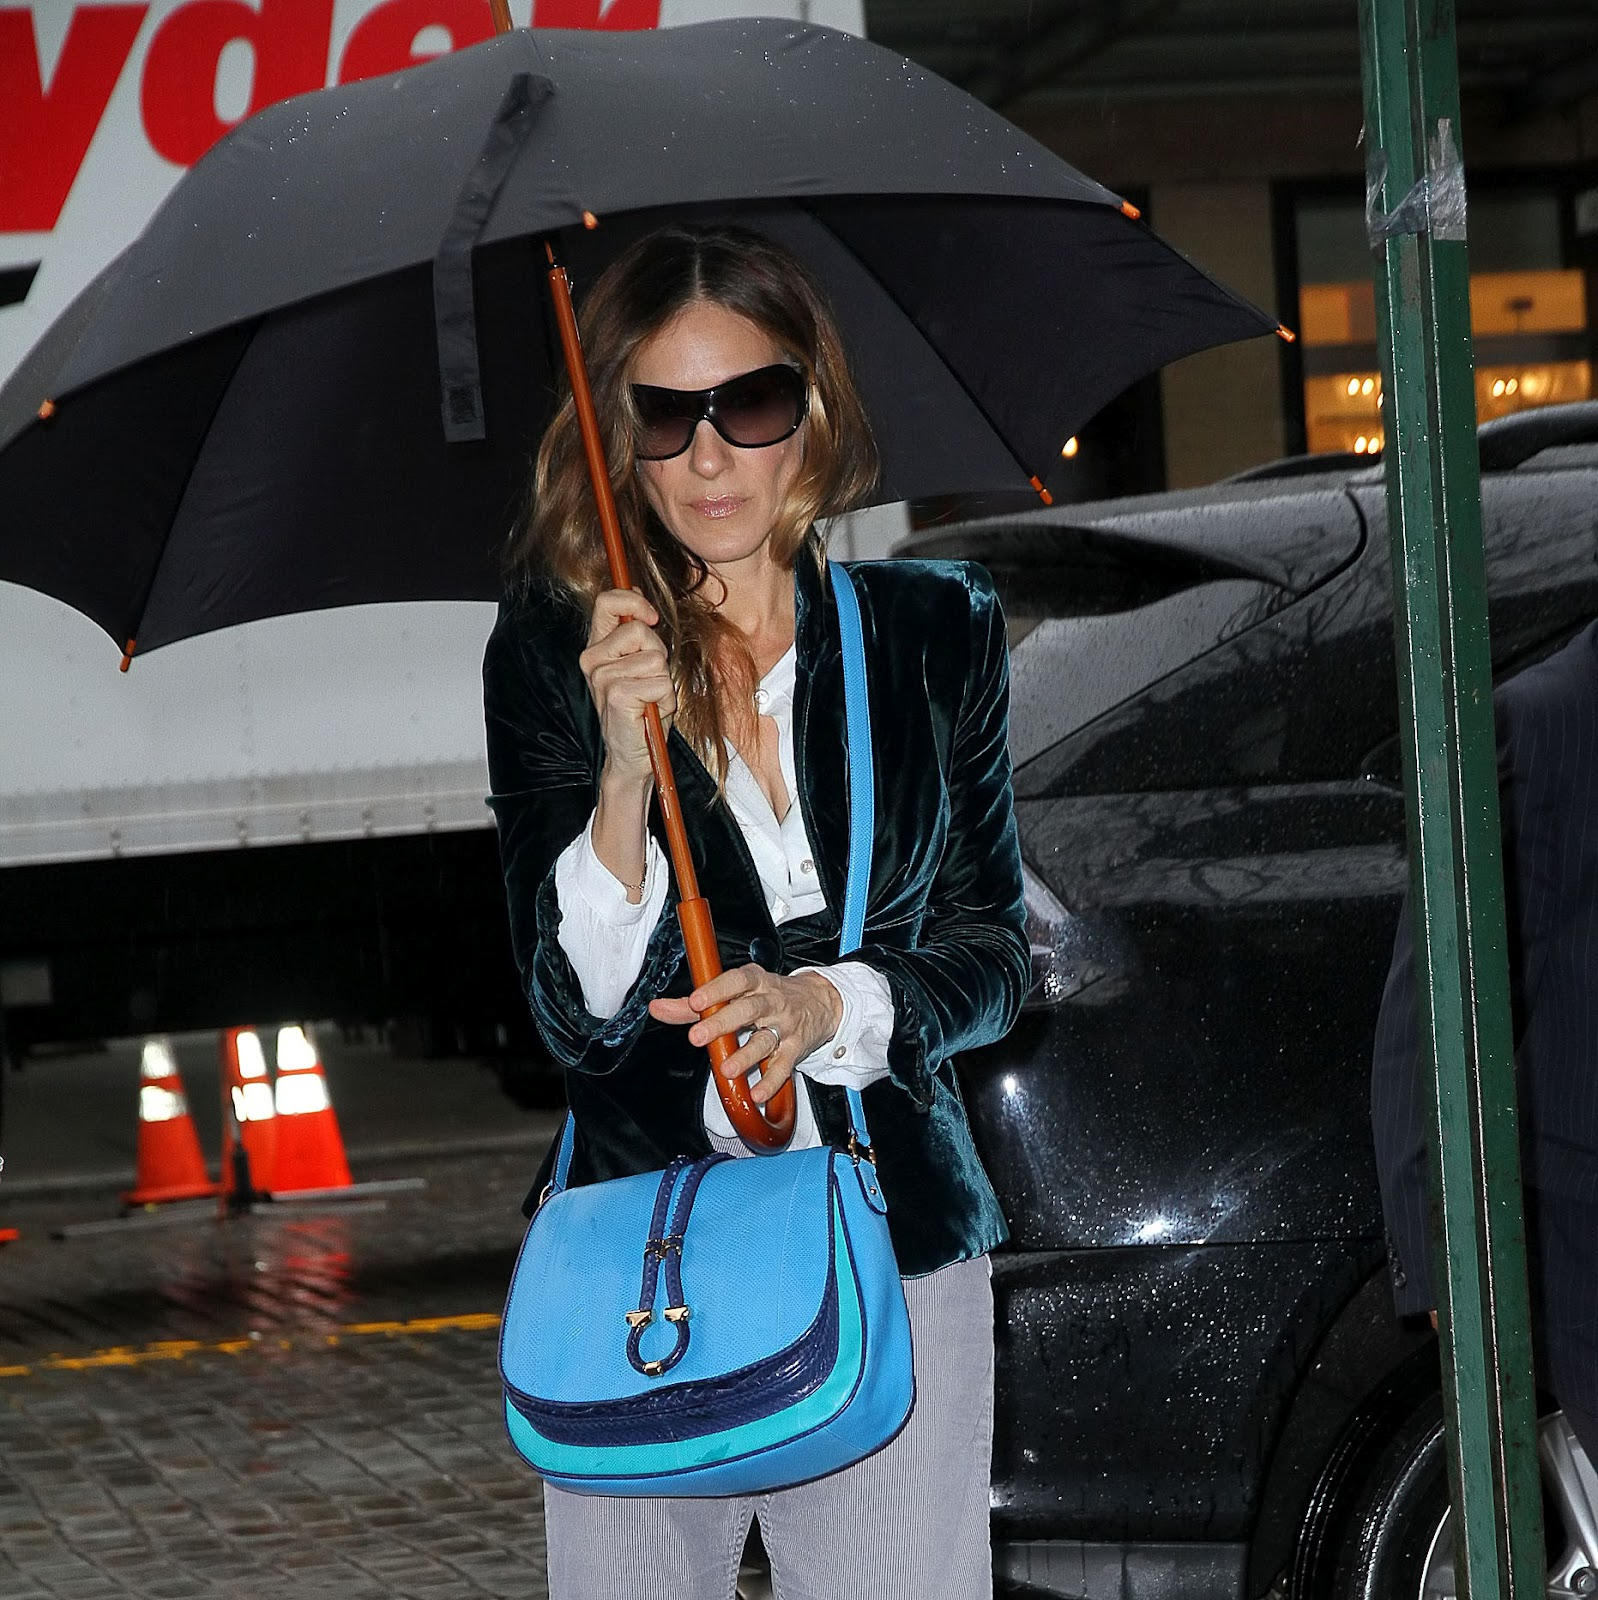 http://3.bp.blogspot.com/-U4-MWJd7zzk/TzAvs3yOSLI/AAAAAAAAOqU/cylOVvi6lq4/s1600/sarah+jessica+parker+ferragamo+purse+february+2012.jpg